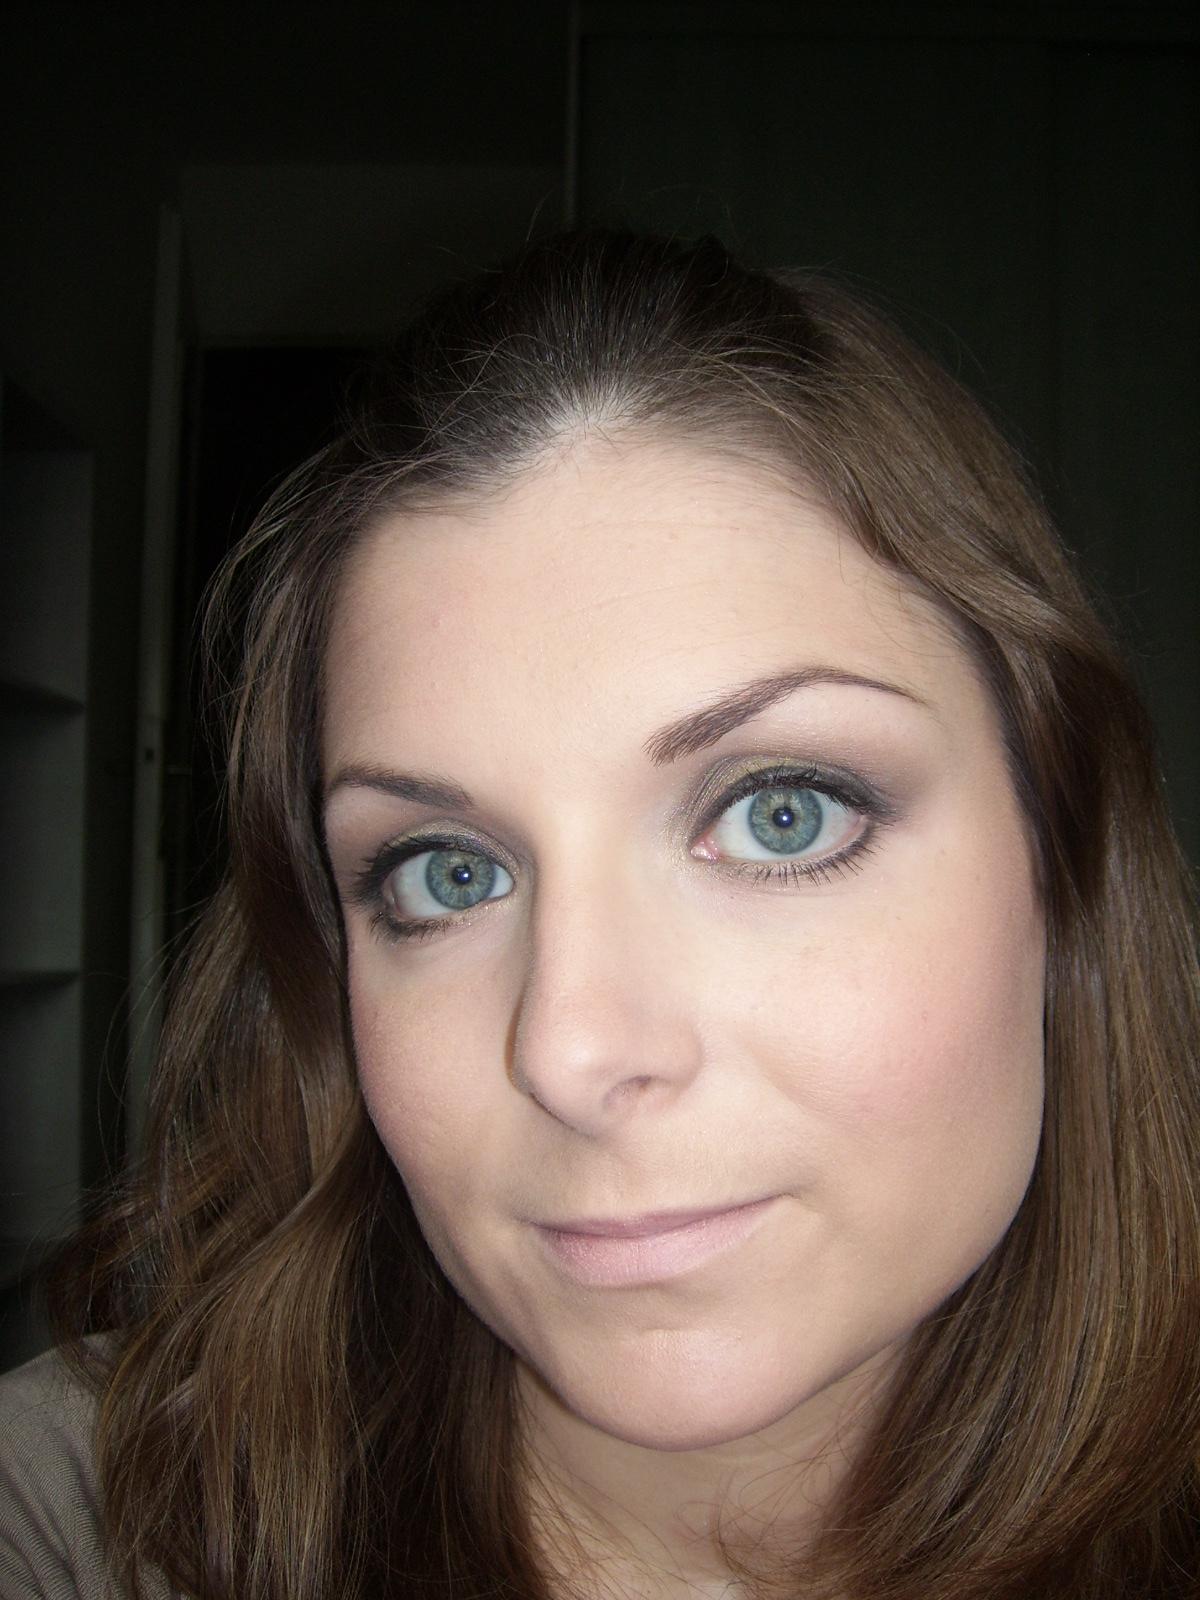 marie love cosmetics oser du jaune sur des yeux bleus. Black Bedroom Furniture Sets. Home Design Ideas